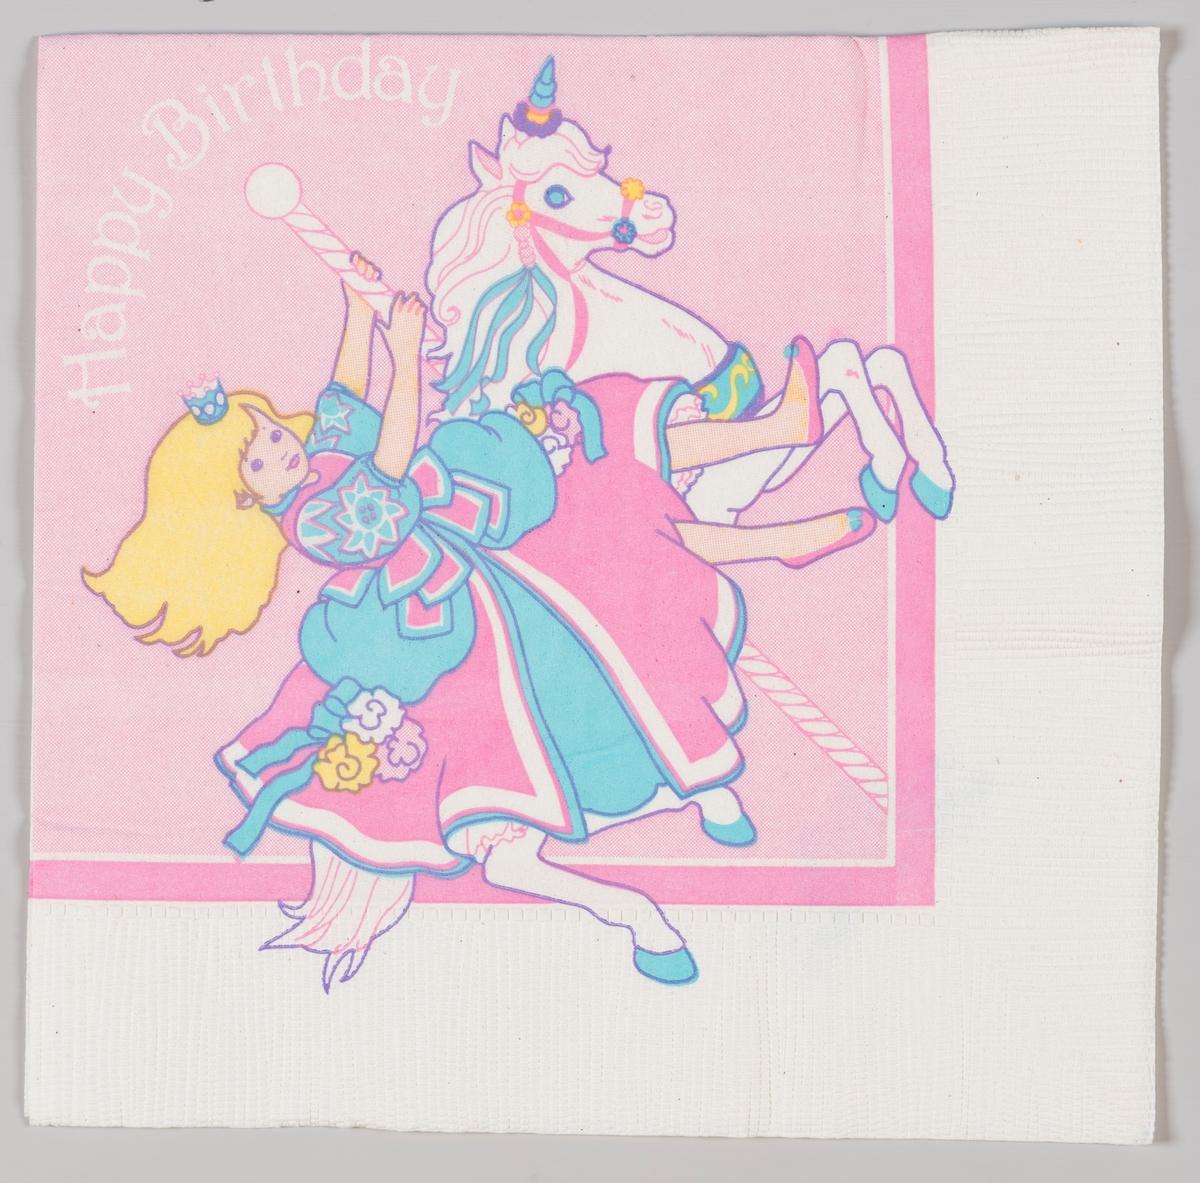 My Little Pony og en eventyrprinsesse.  My Little Pony er en merkevare med fargerike ponnifigurer i plast som kom i salg i begynnelsen av 1980-tallet.